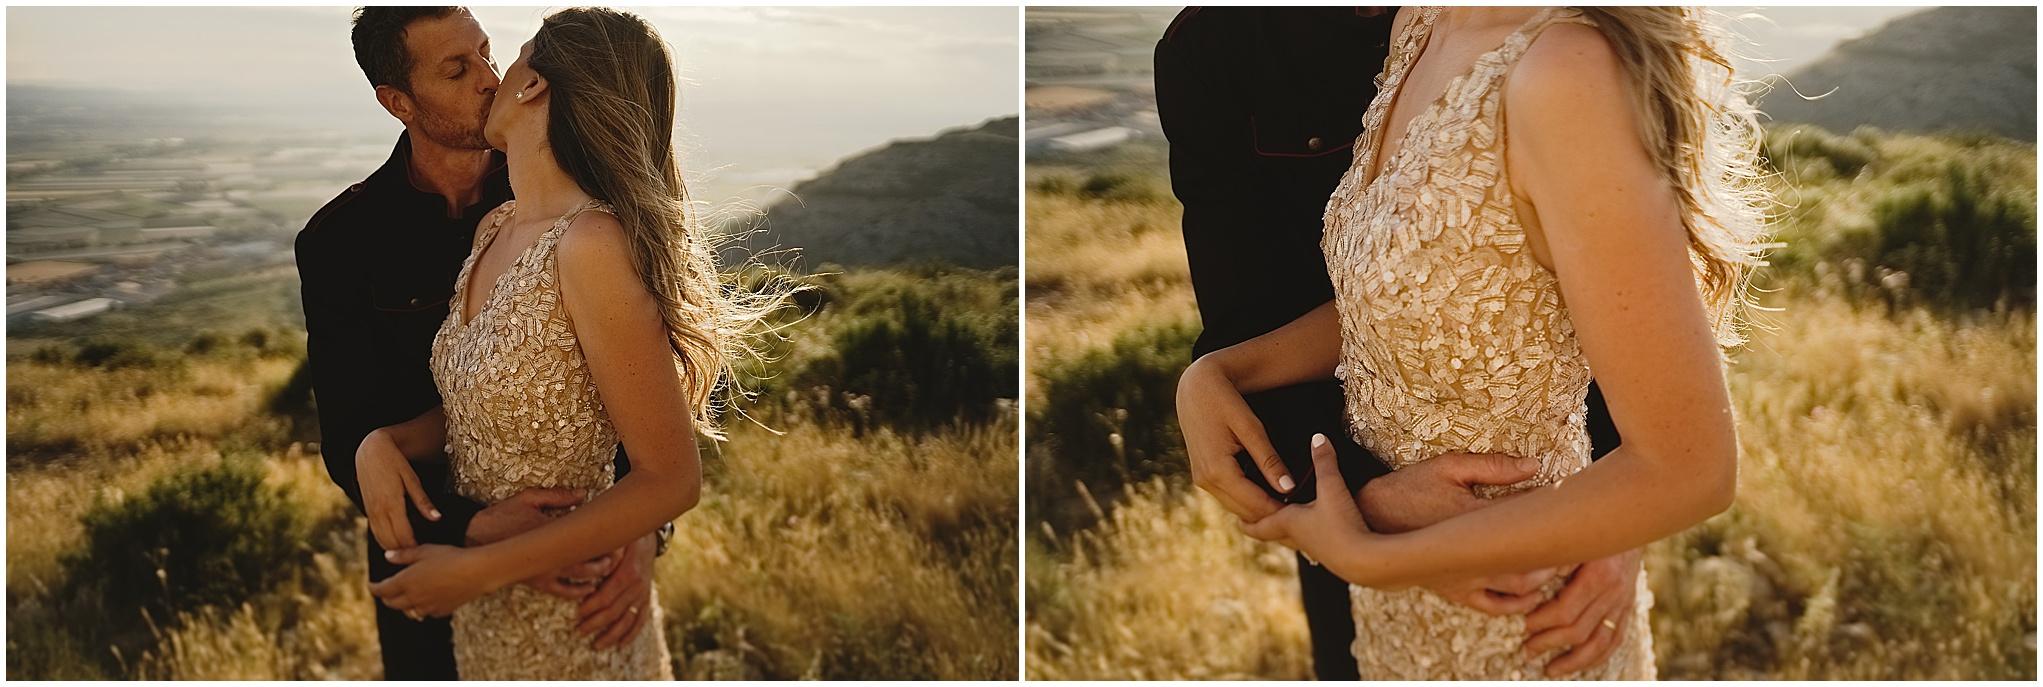 Melanie usó el segundo vestido de boda diseñado por Santos Costura